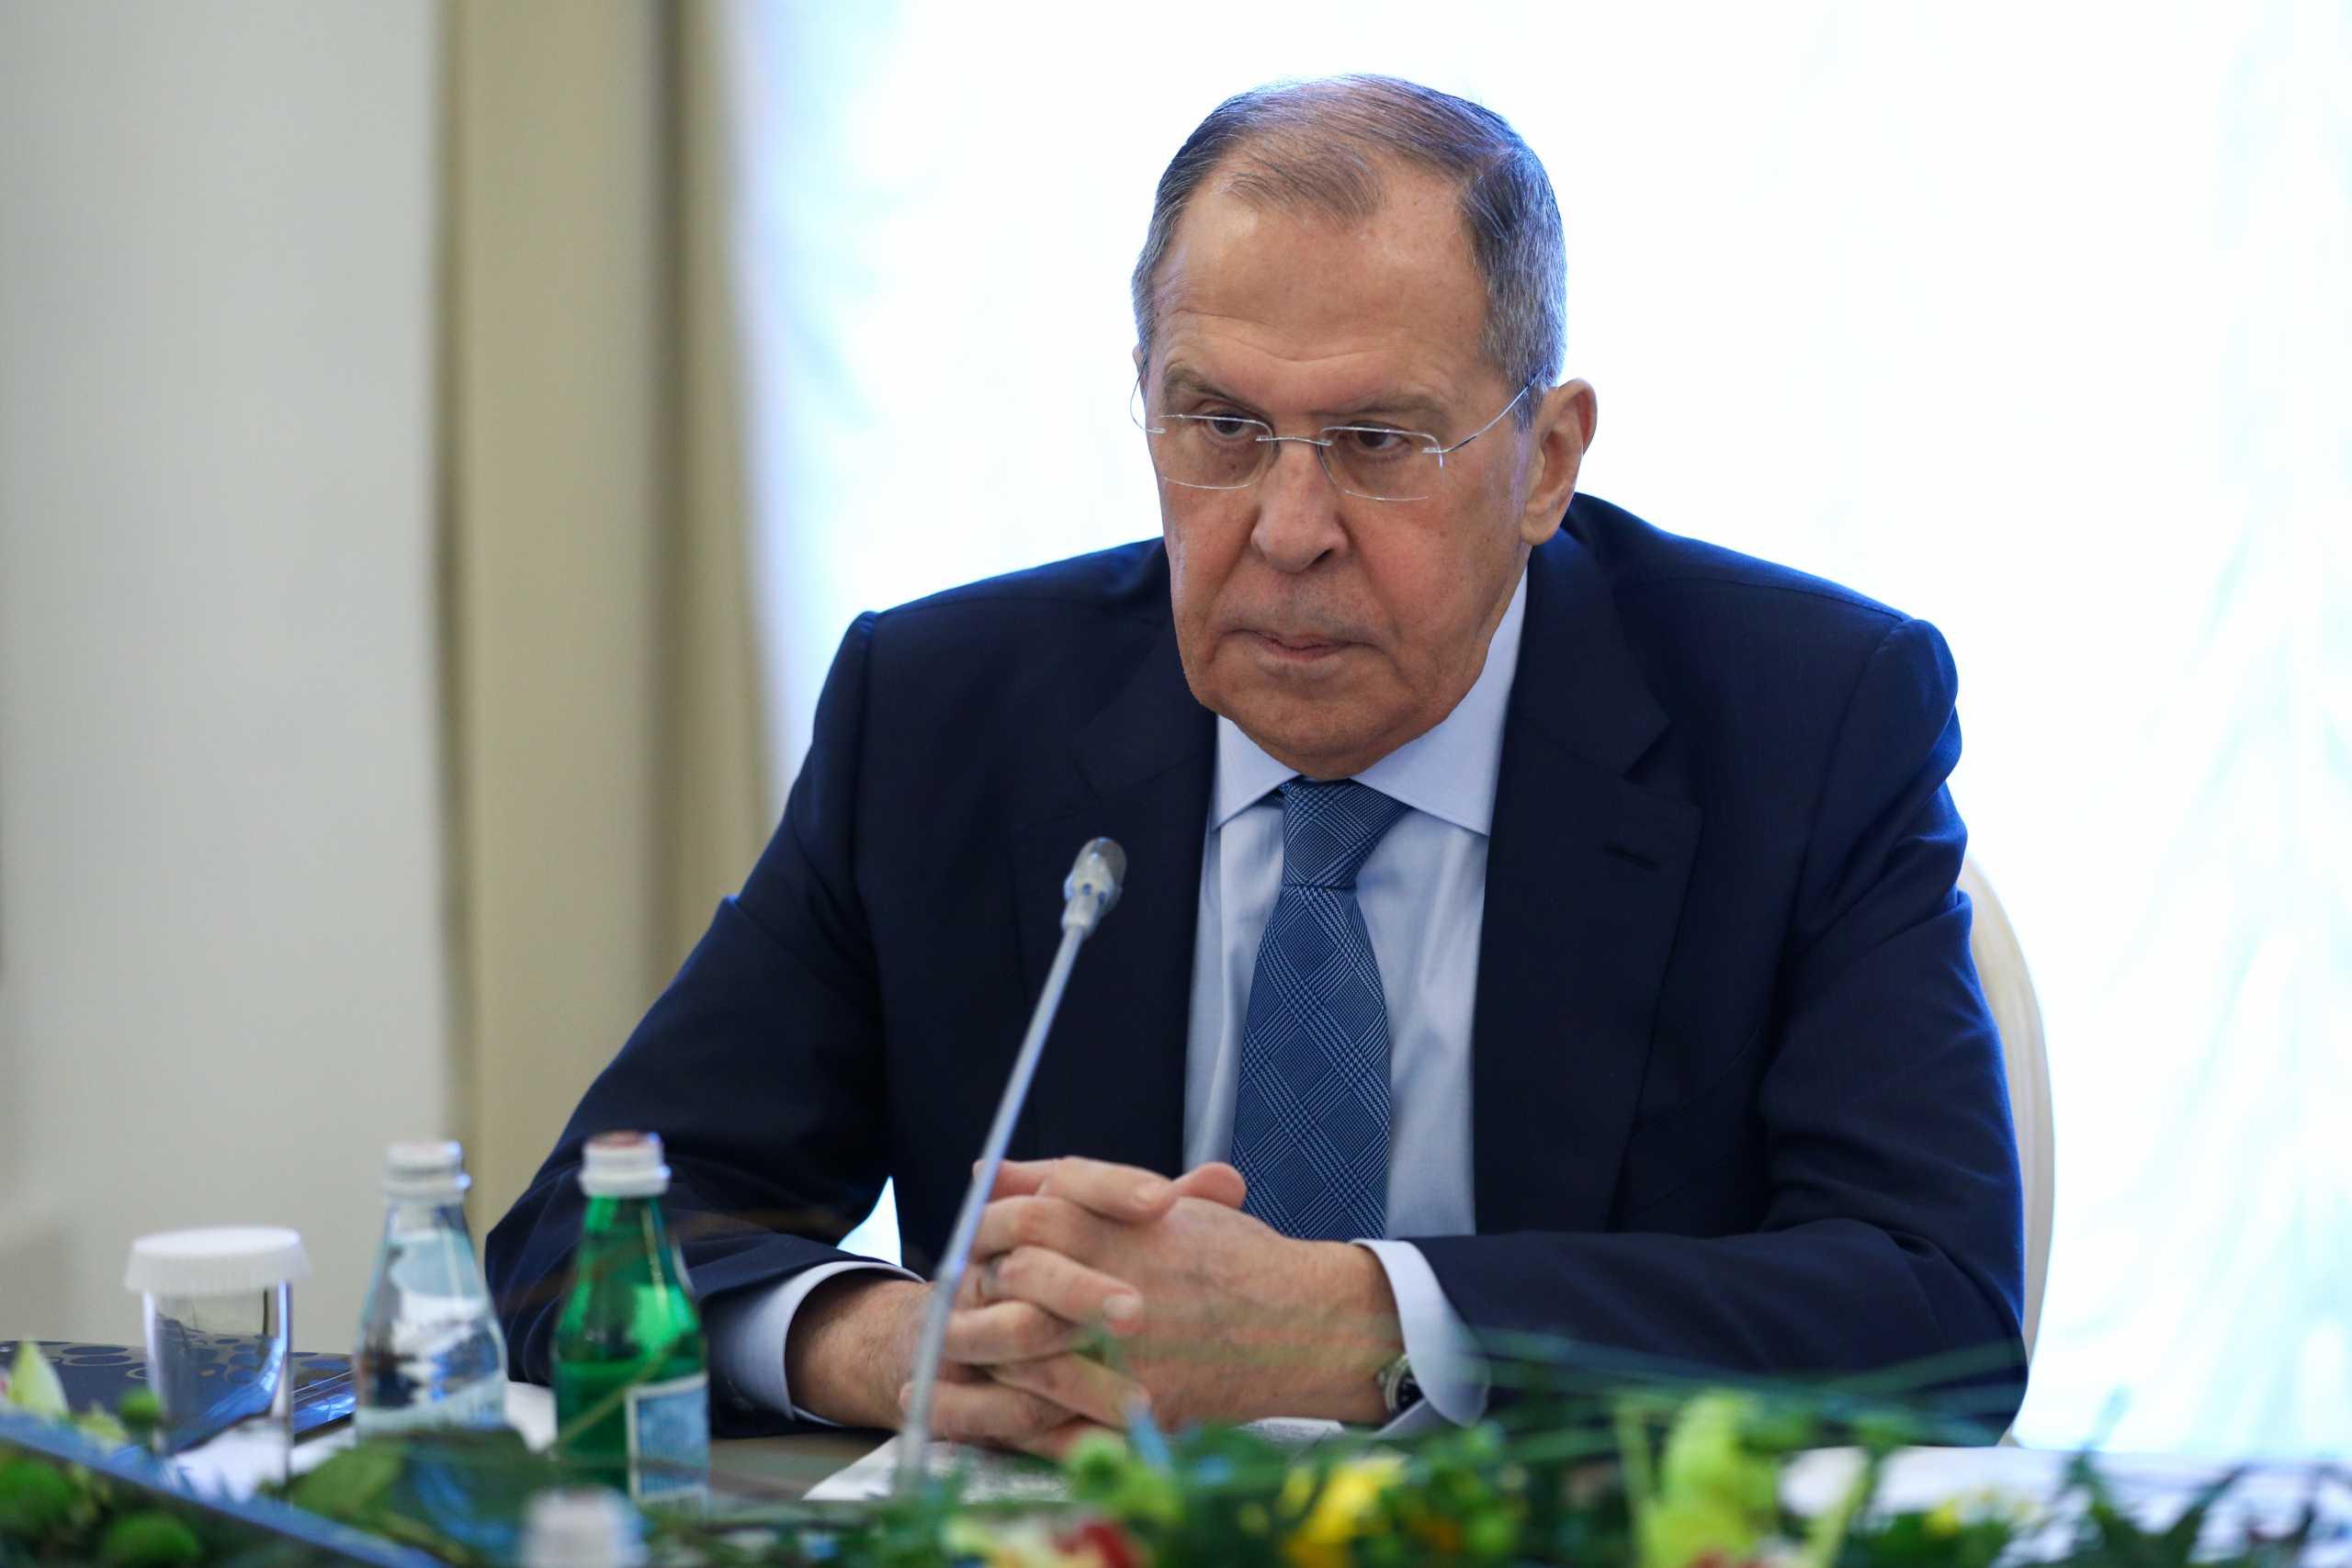 Λαβρόφ: Οι συνομιλίες στη Μόσχα για το Αφγανιστάν θα βοηθήσουν τις ειρηνευτικές συνομιλίες στη Ντόχα